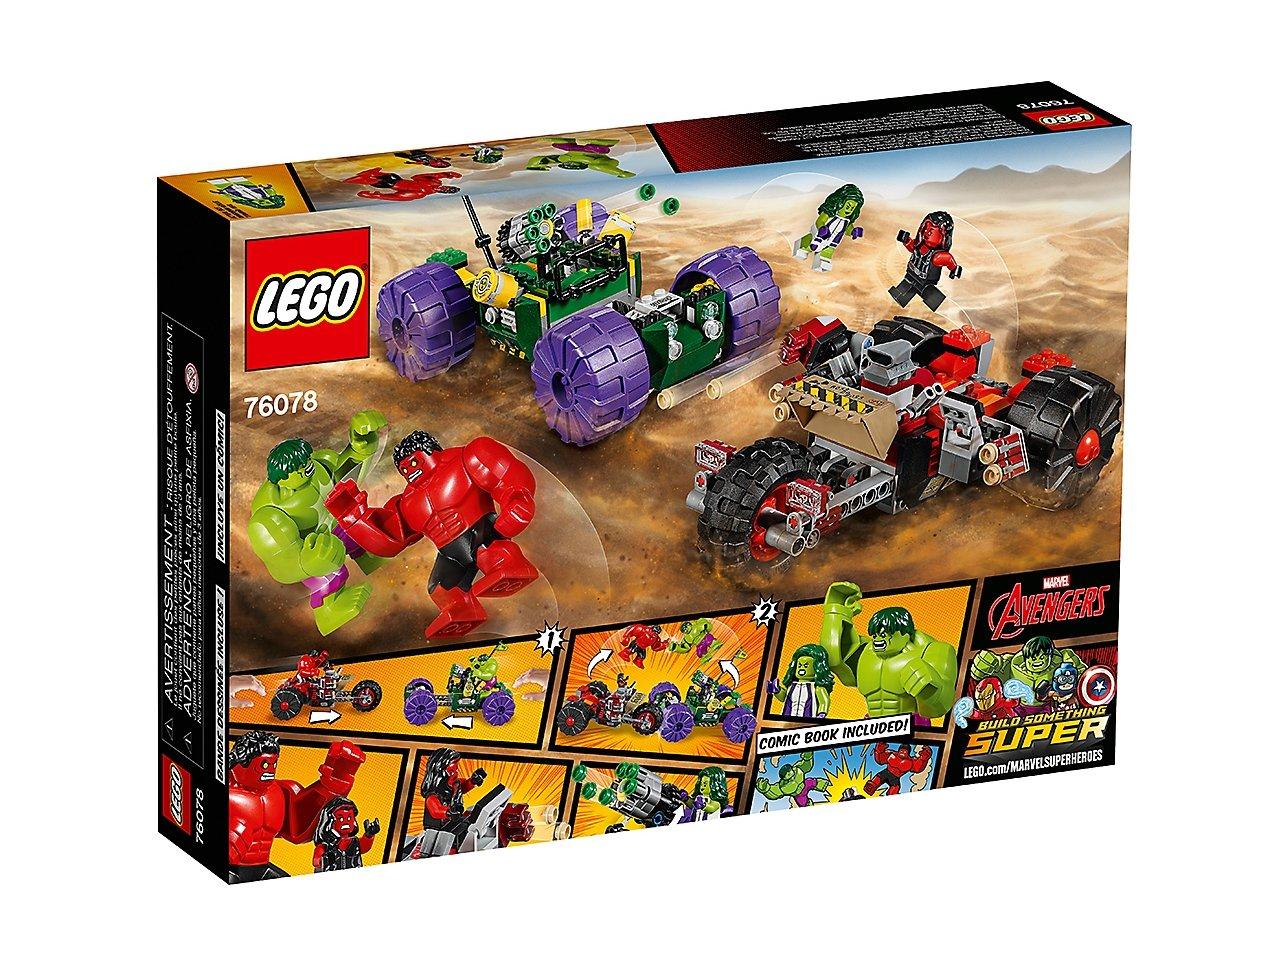 LEGO Marvel Super Heroes Hulk kontra Czerwony Hulk